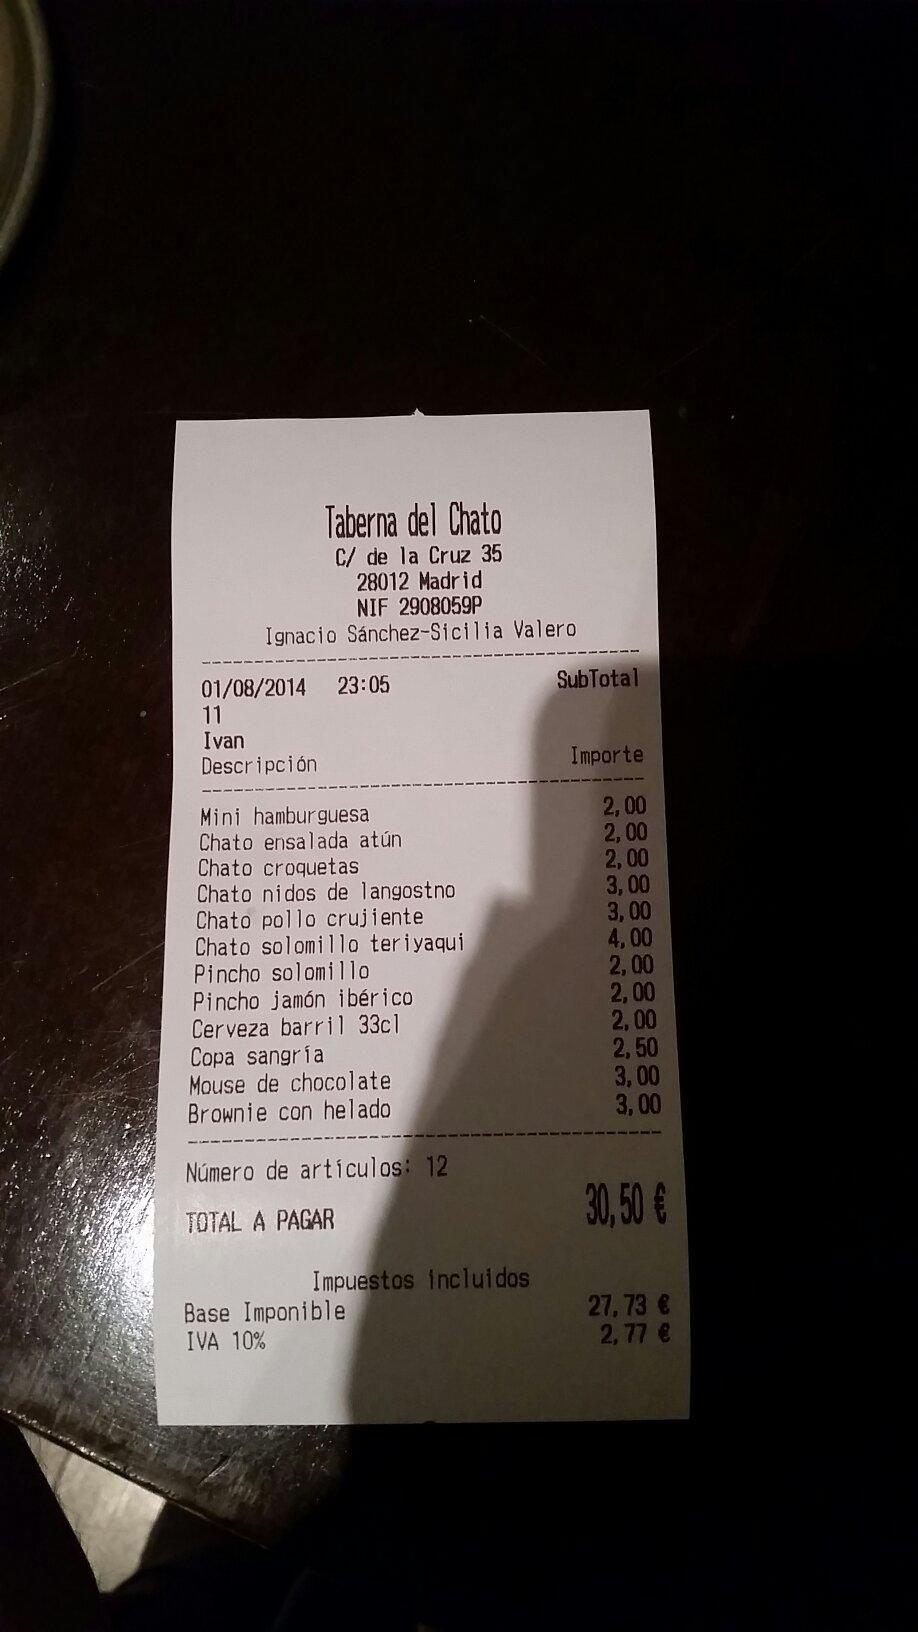 Taberna del Chato, Madrid -